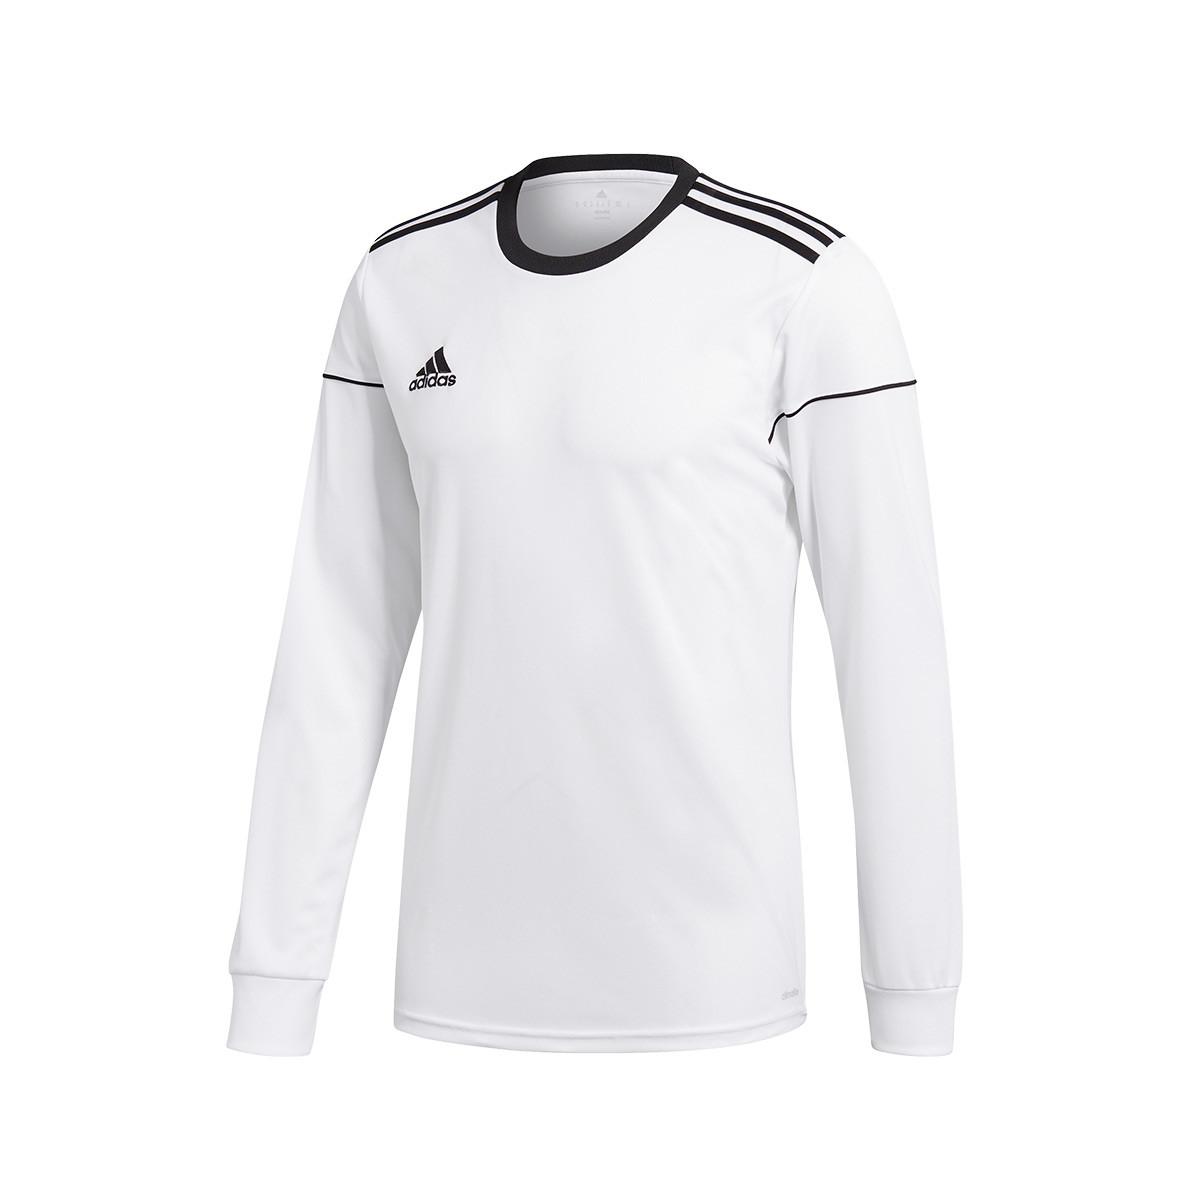 Camiseta adidas Squadra 17 ml